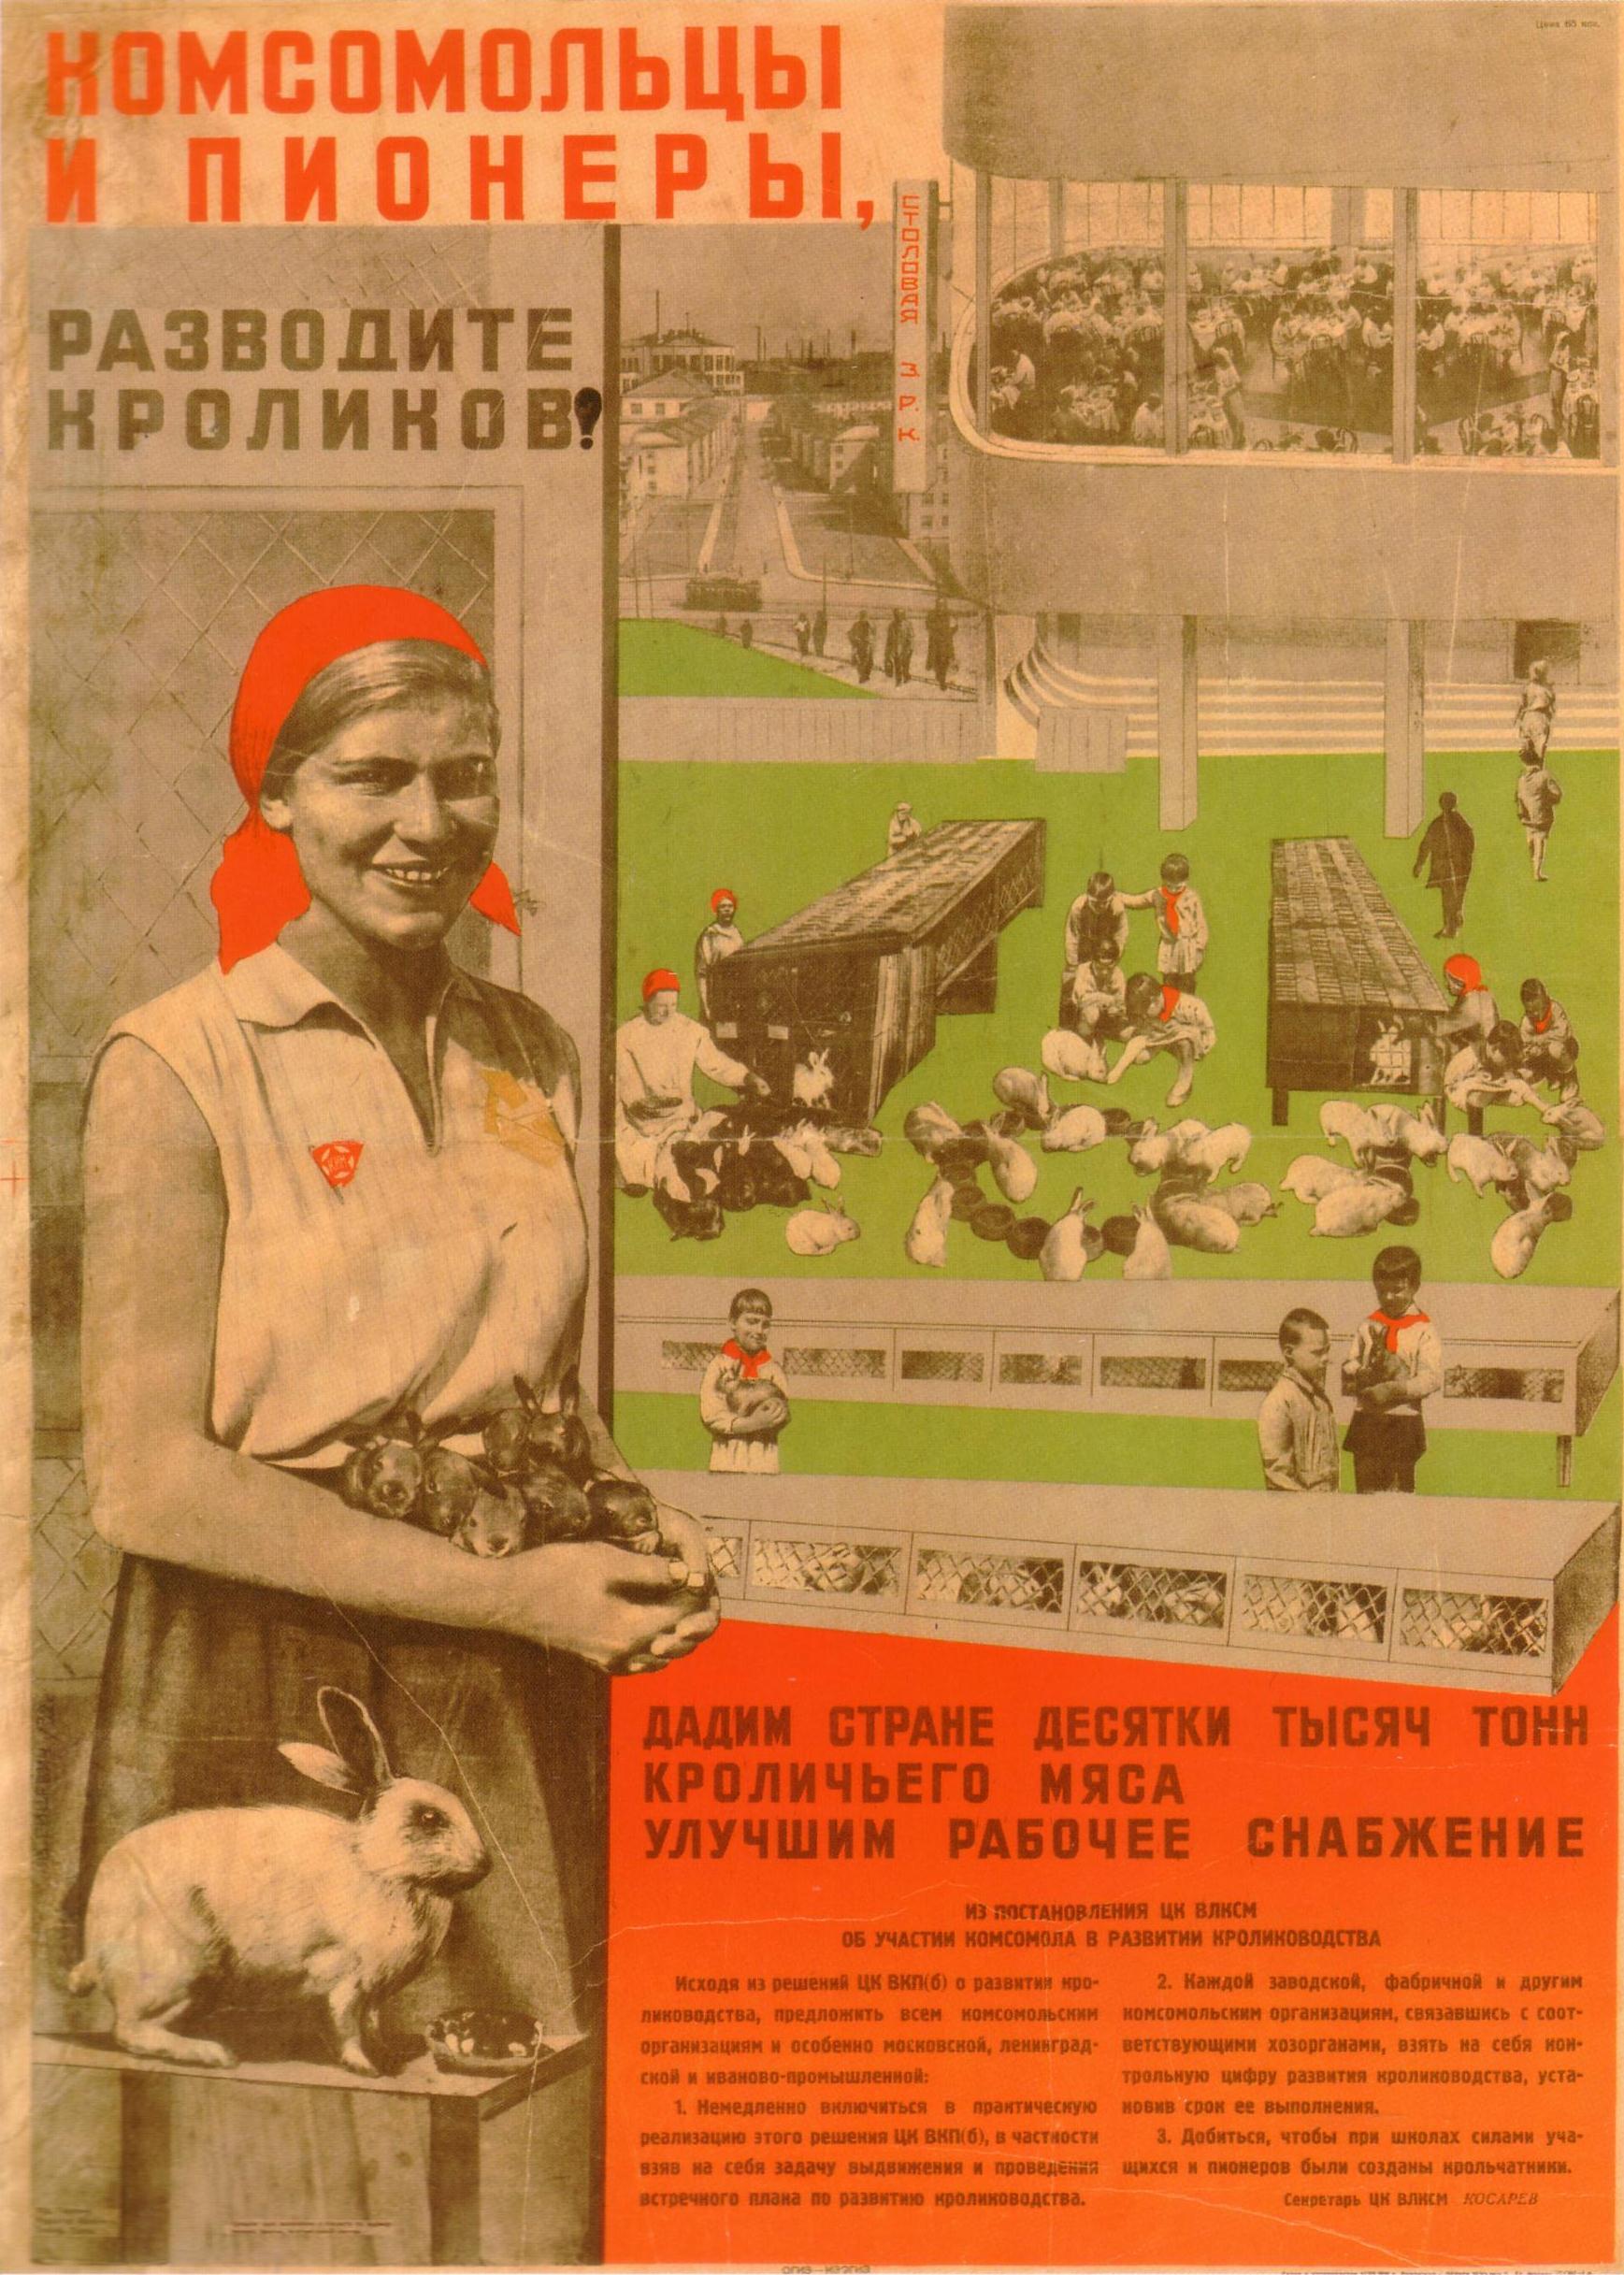 Комсомольцы и пионеры, разводите кроликов! Автор: В. Гицевич Год: 1932